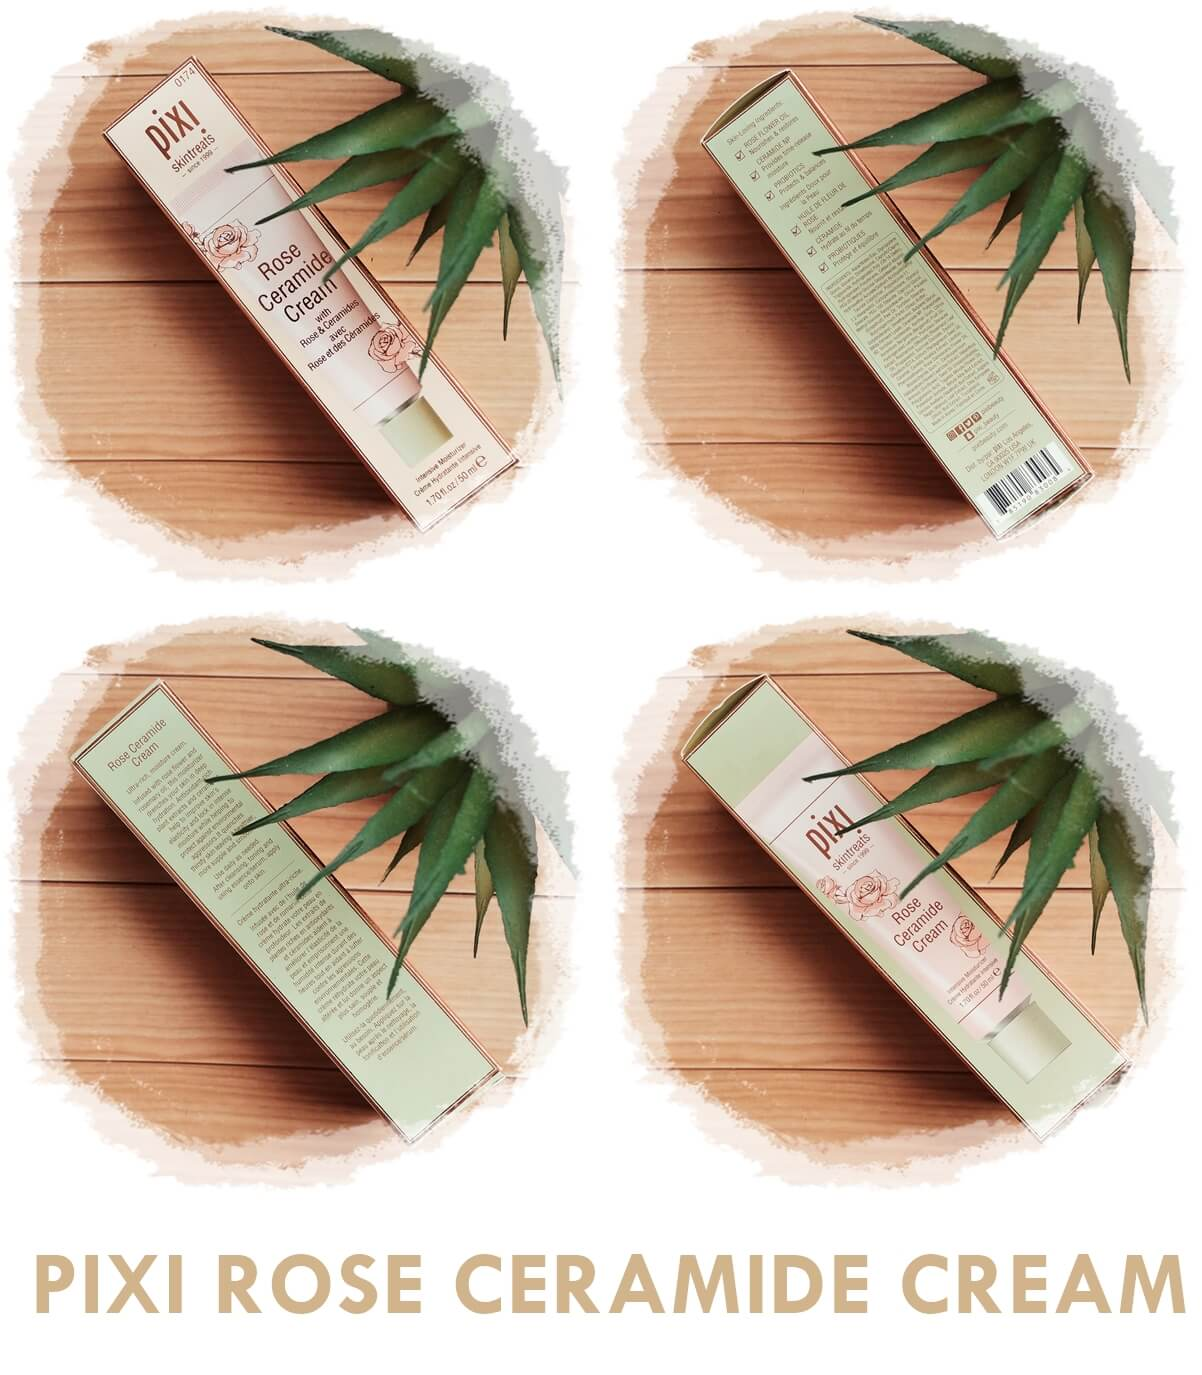 pixi-rose-ceramide-cream-review-indonesia